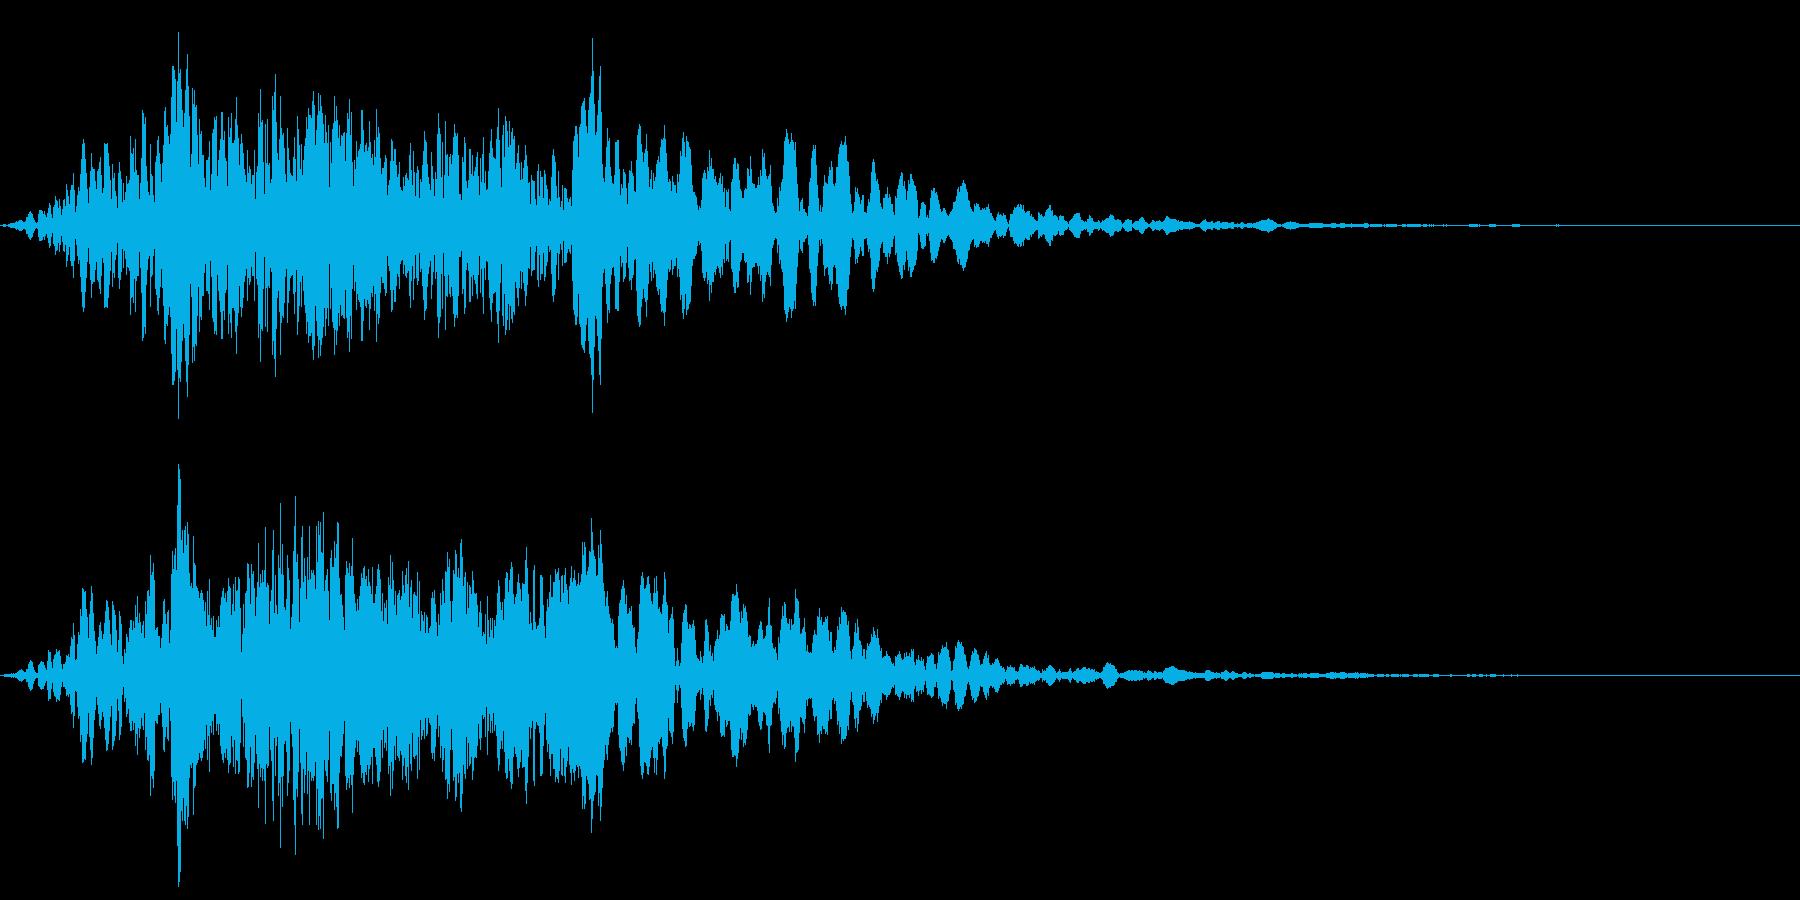 ハシブトガラスの鳴き声の再生済みの波形